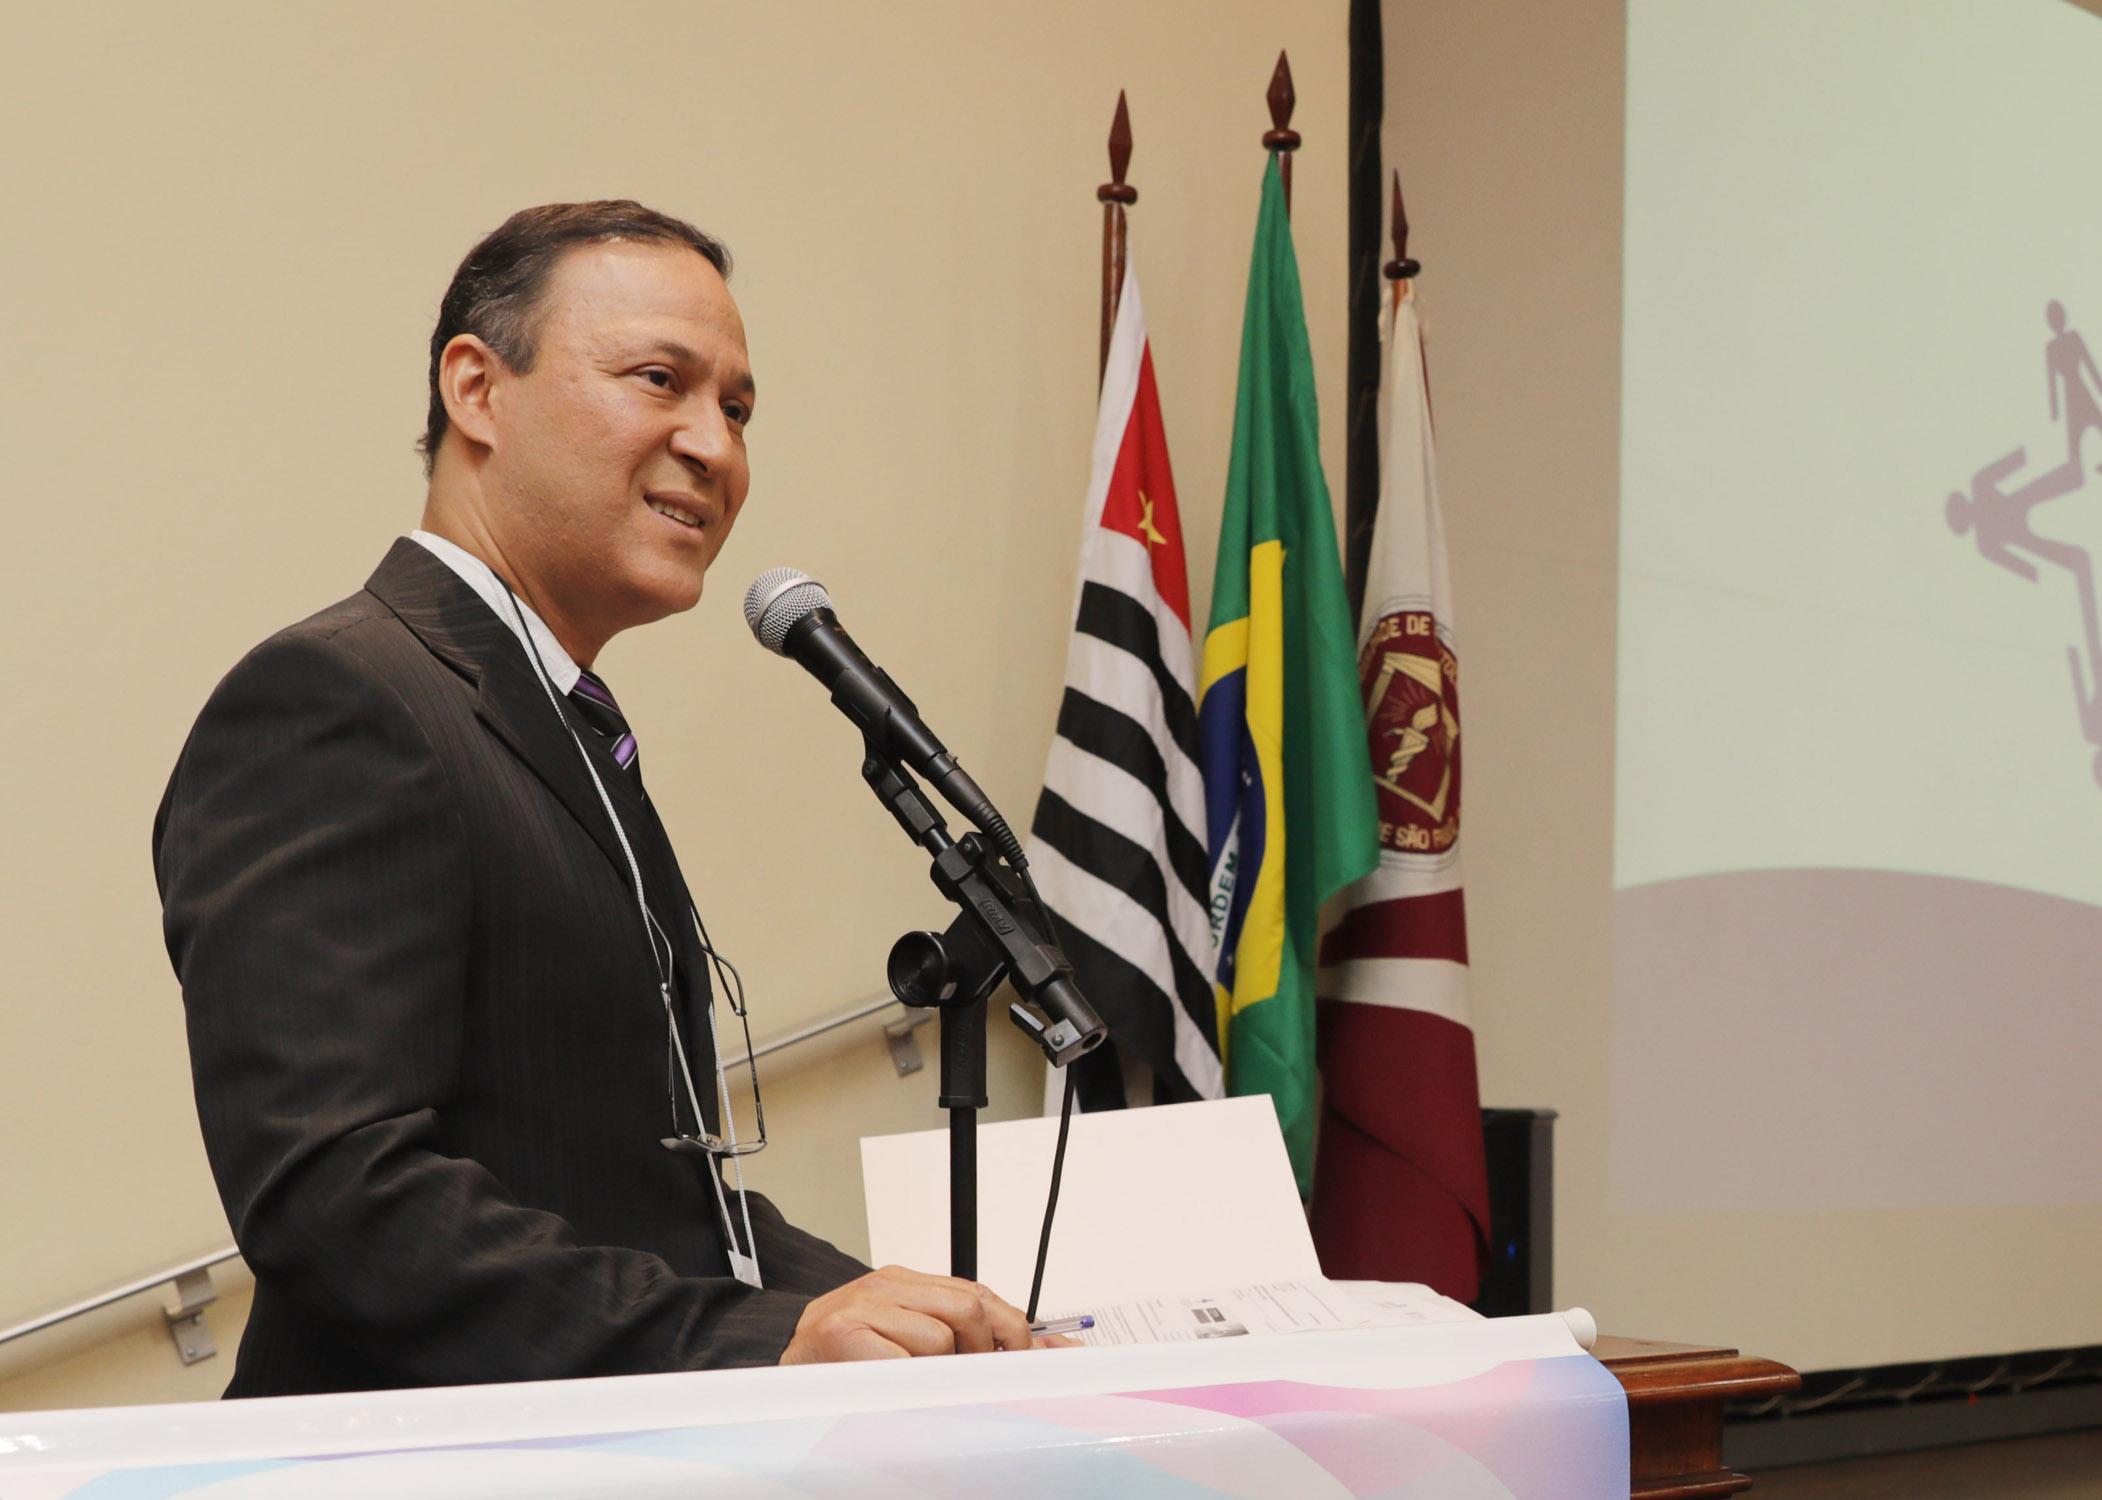 (Português do Brasil) Professor Carlos Ferreira dos Santos recebe título de Cidadão Bauruense